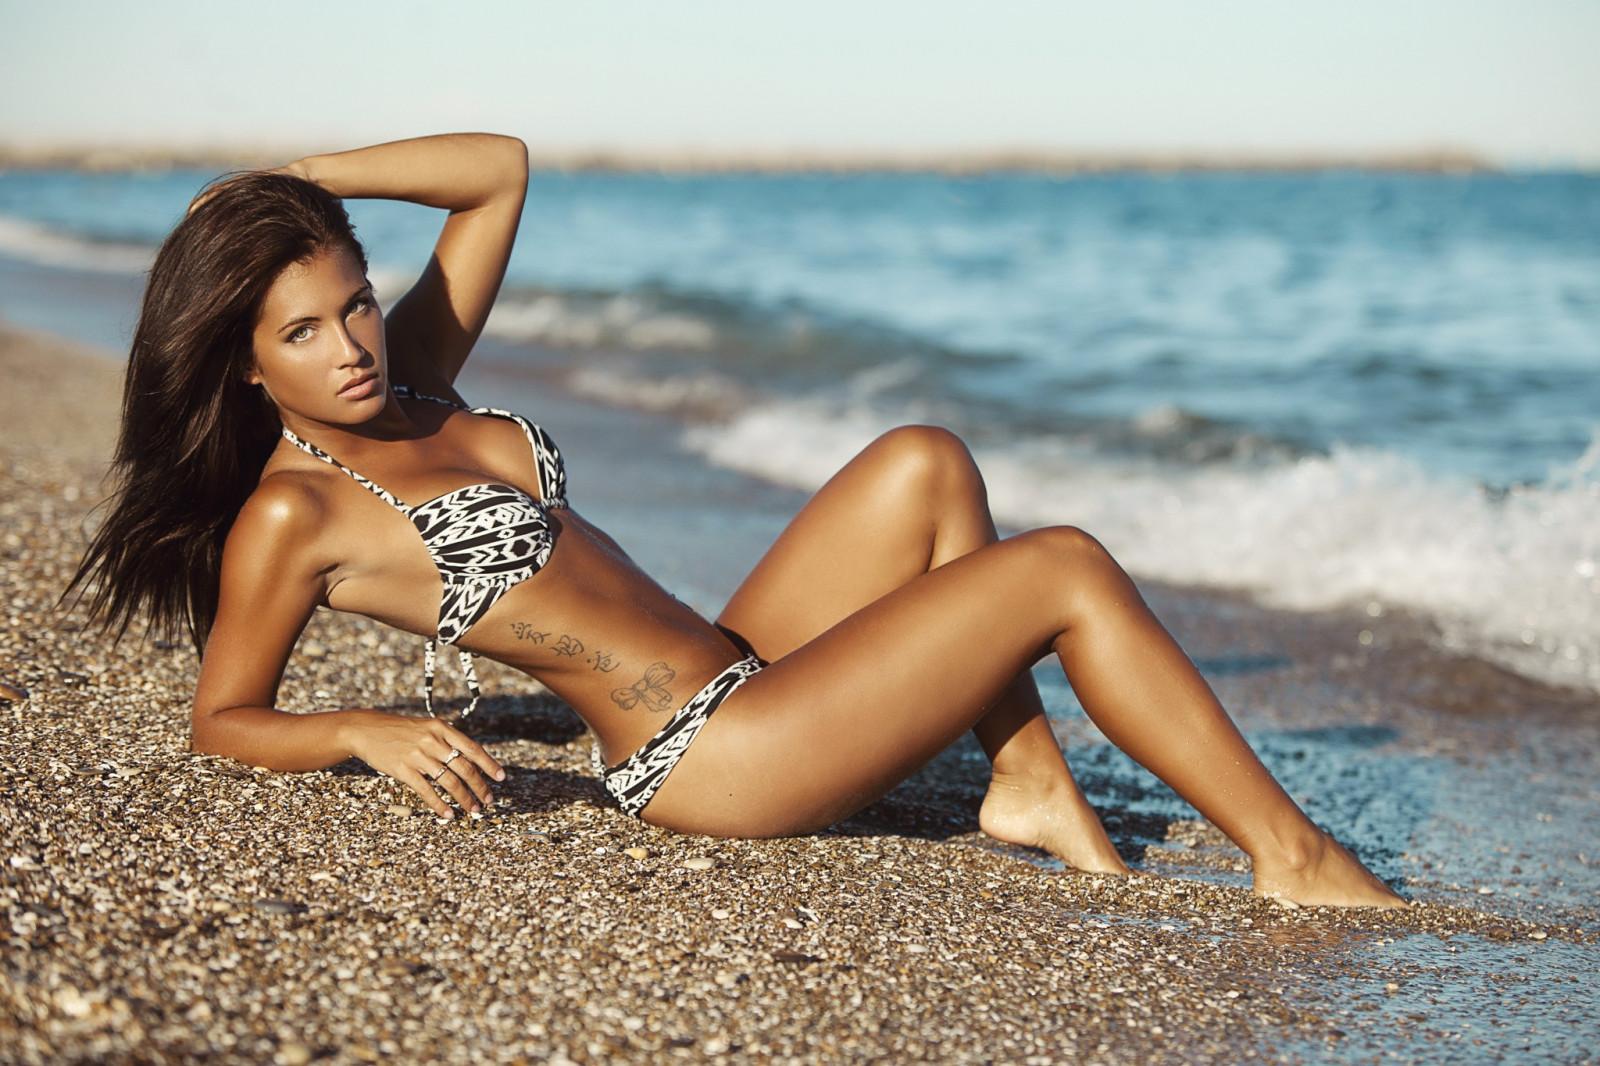 Фотомодели девушек на пляже, в кустах дала отлизать мужику видео